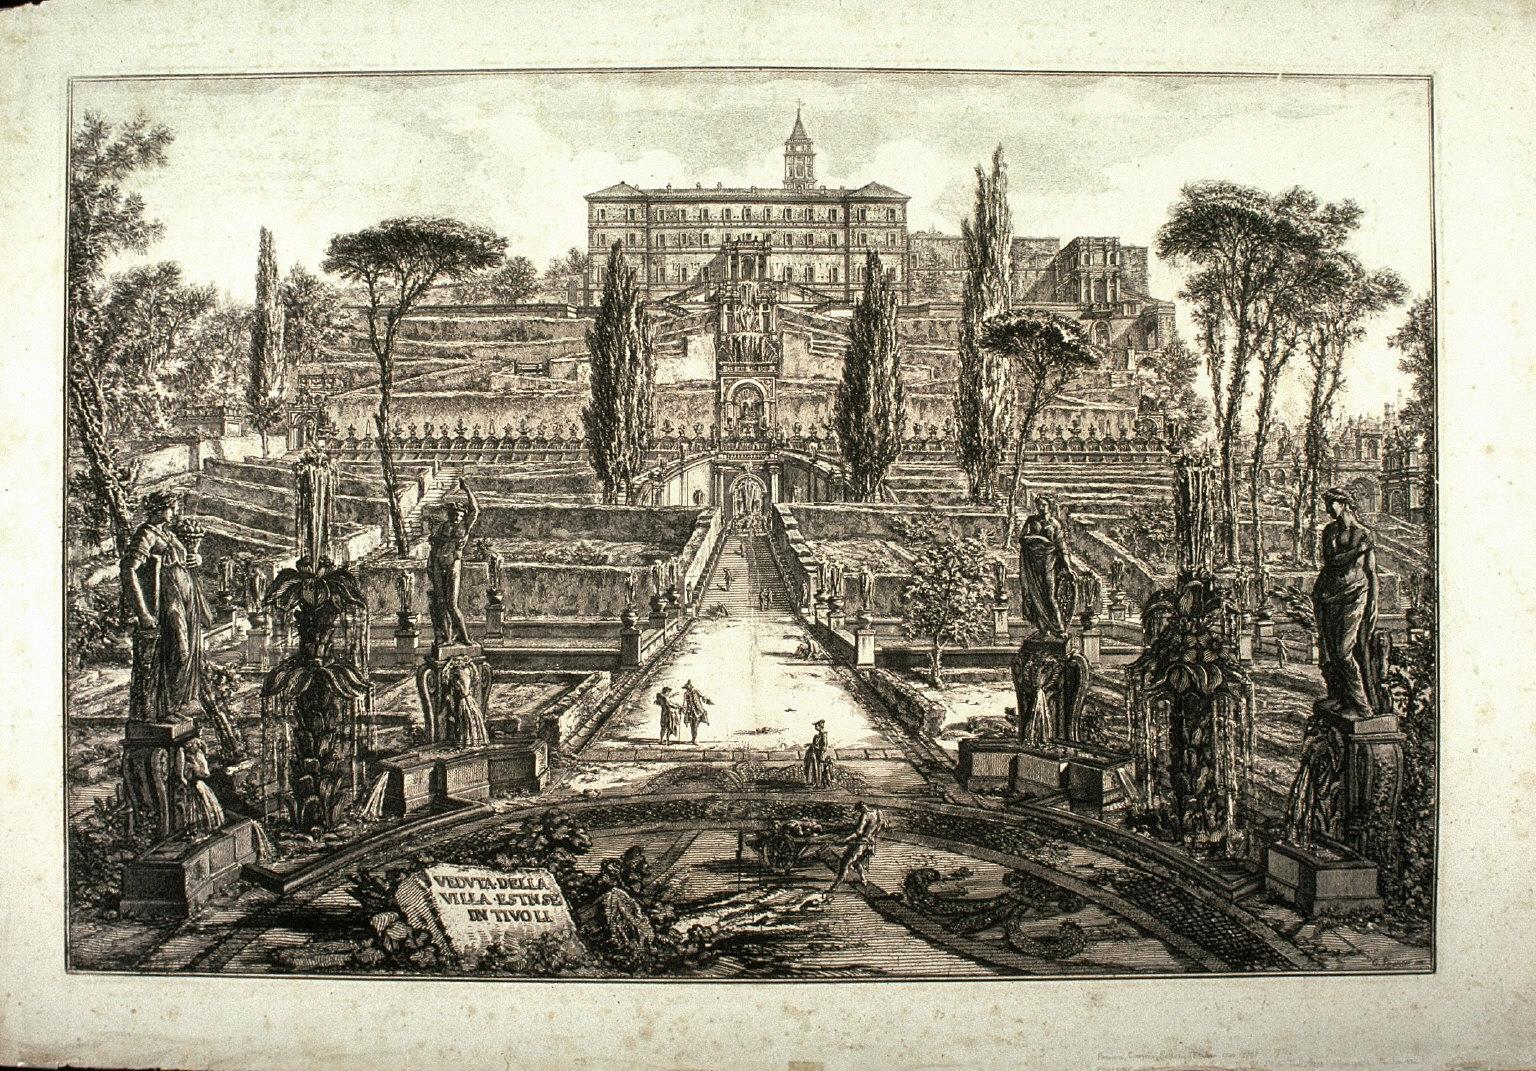 Veduta della Villa Estense in Tivoli (View of the Villa d'Este in Tivoli) from Vedute di Roma (Views of Rome)